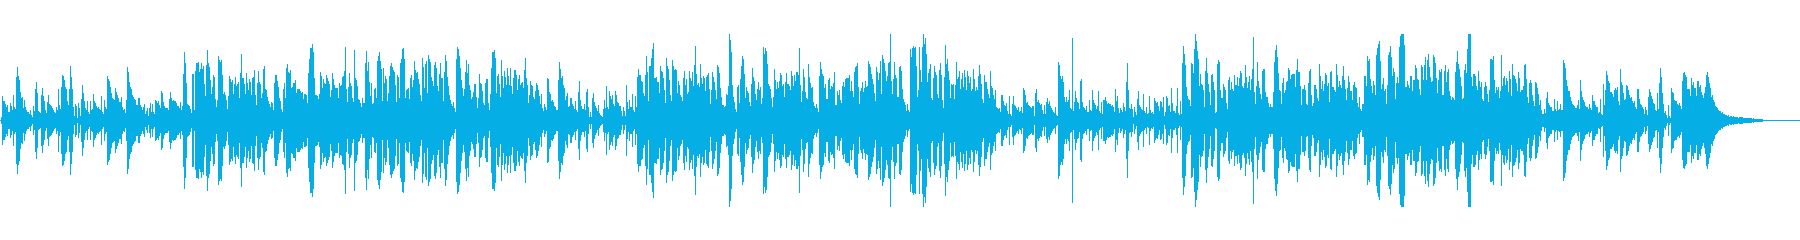 クリスマス曲をプロがボサノヴァ編曲で歌うの再生済みの波形